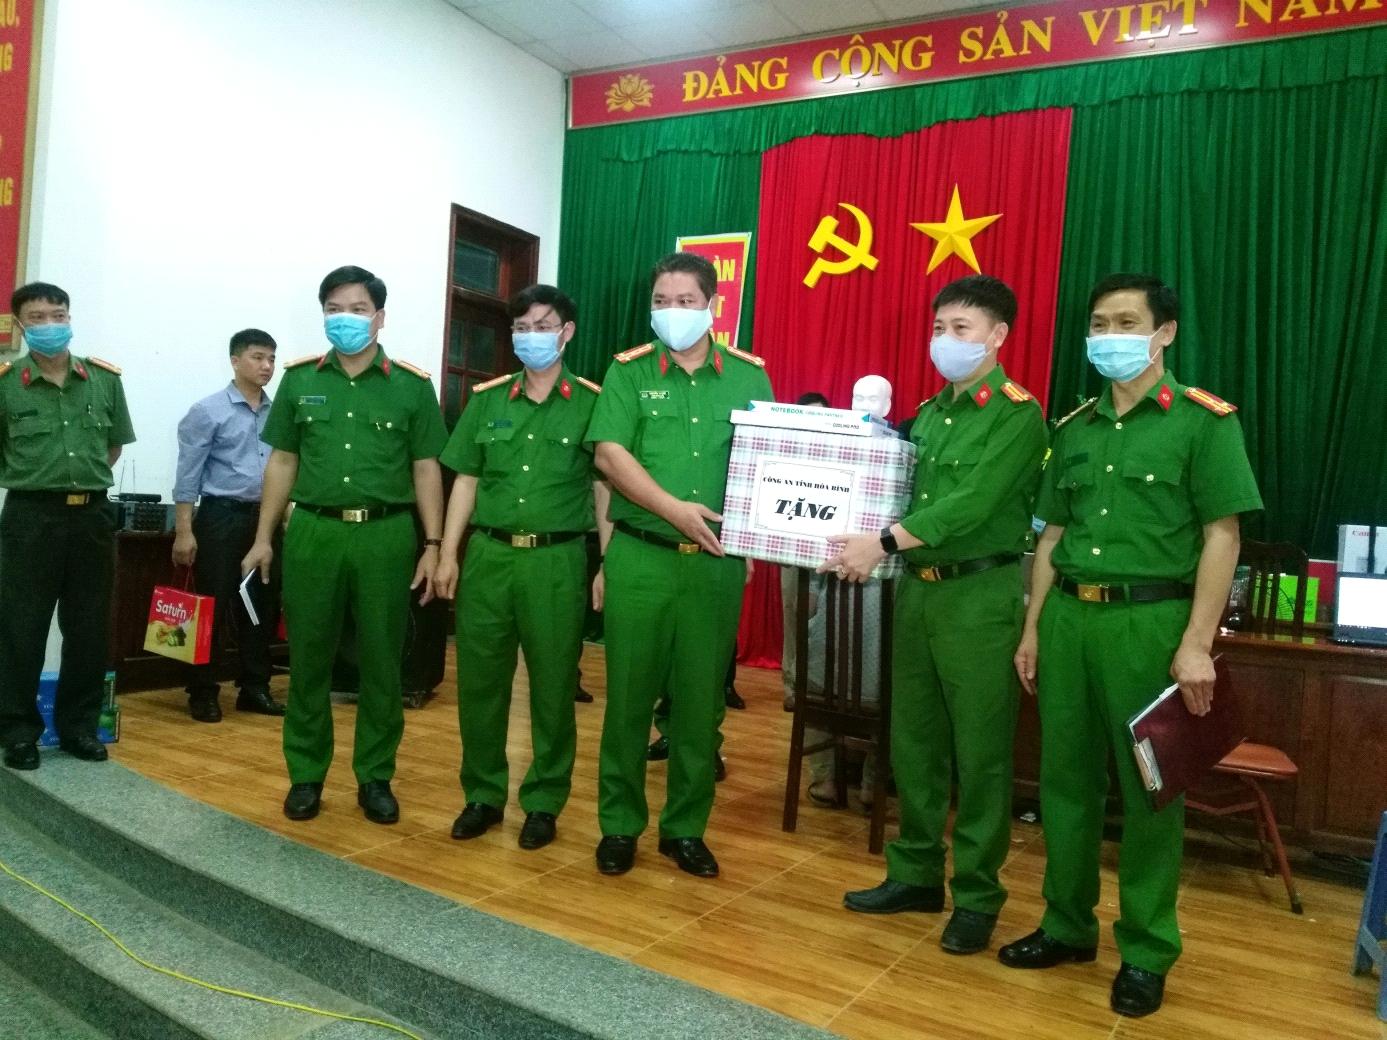 Lãnh đạo công an tỉnh Hòa Bình: Kiểm tra công tác cấp thẻ căn cước công dân tại huyện Cao Phong